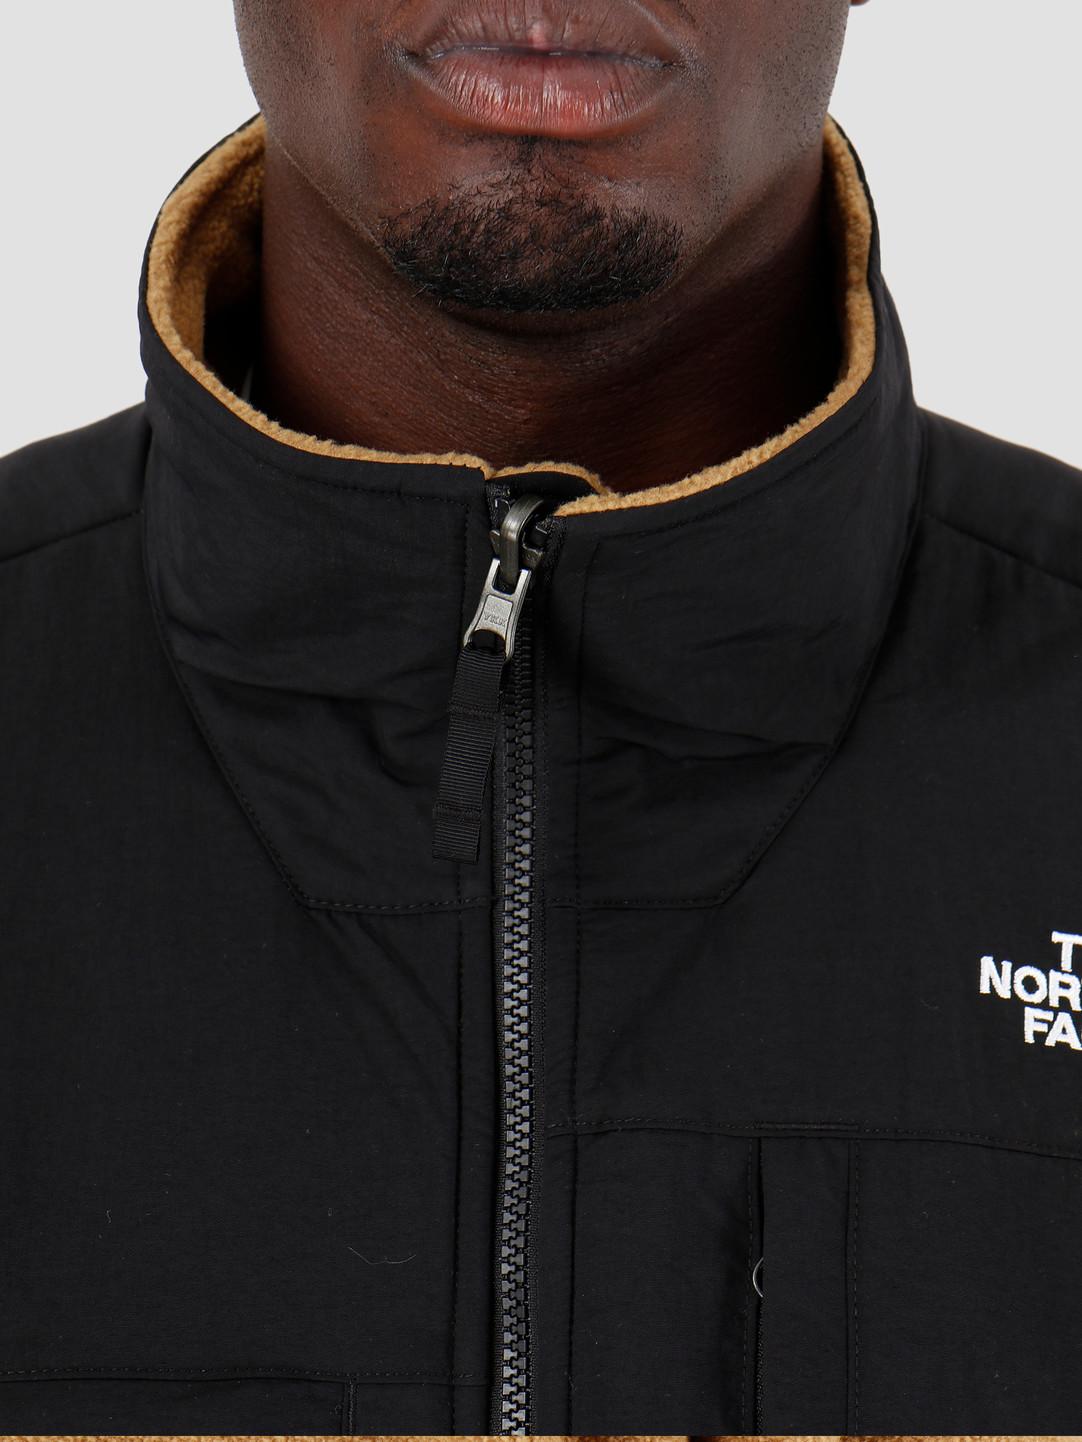 The North Face The North Face Denali Jacket 2 British Khaki T93XAUD9V